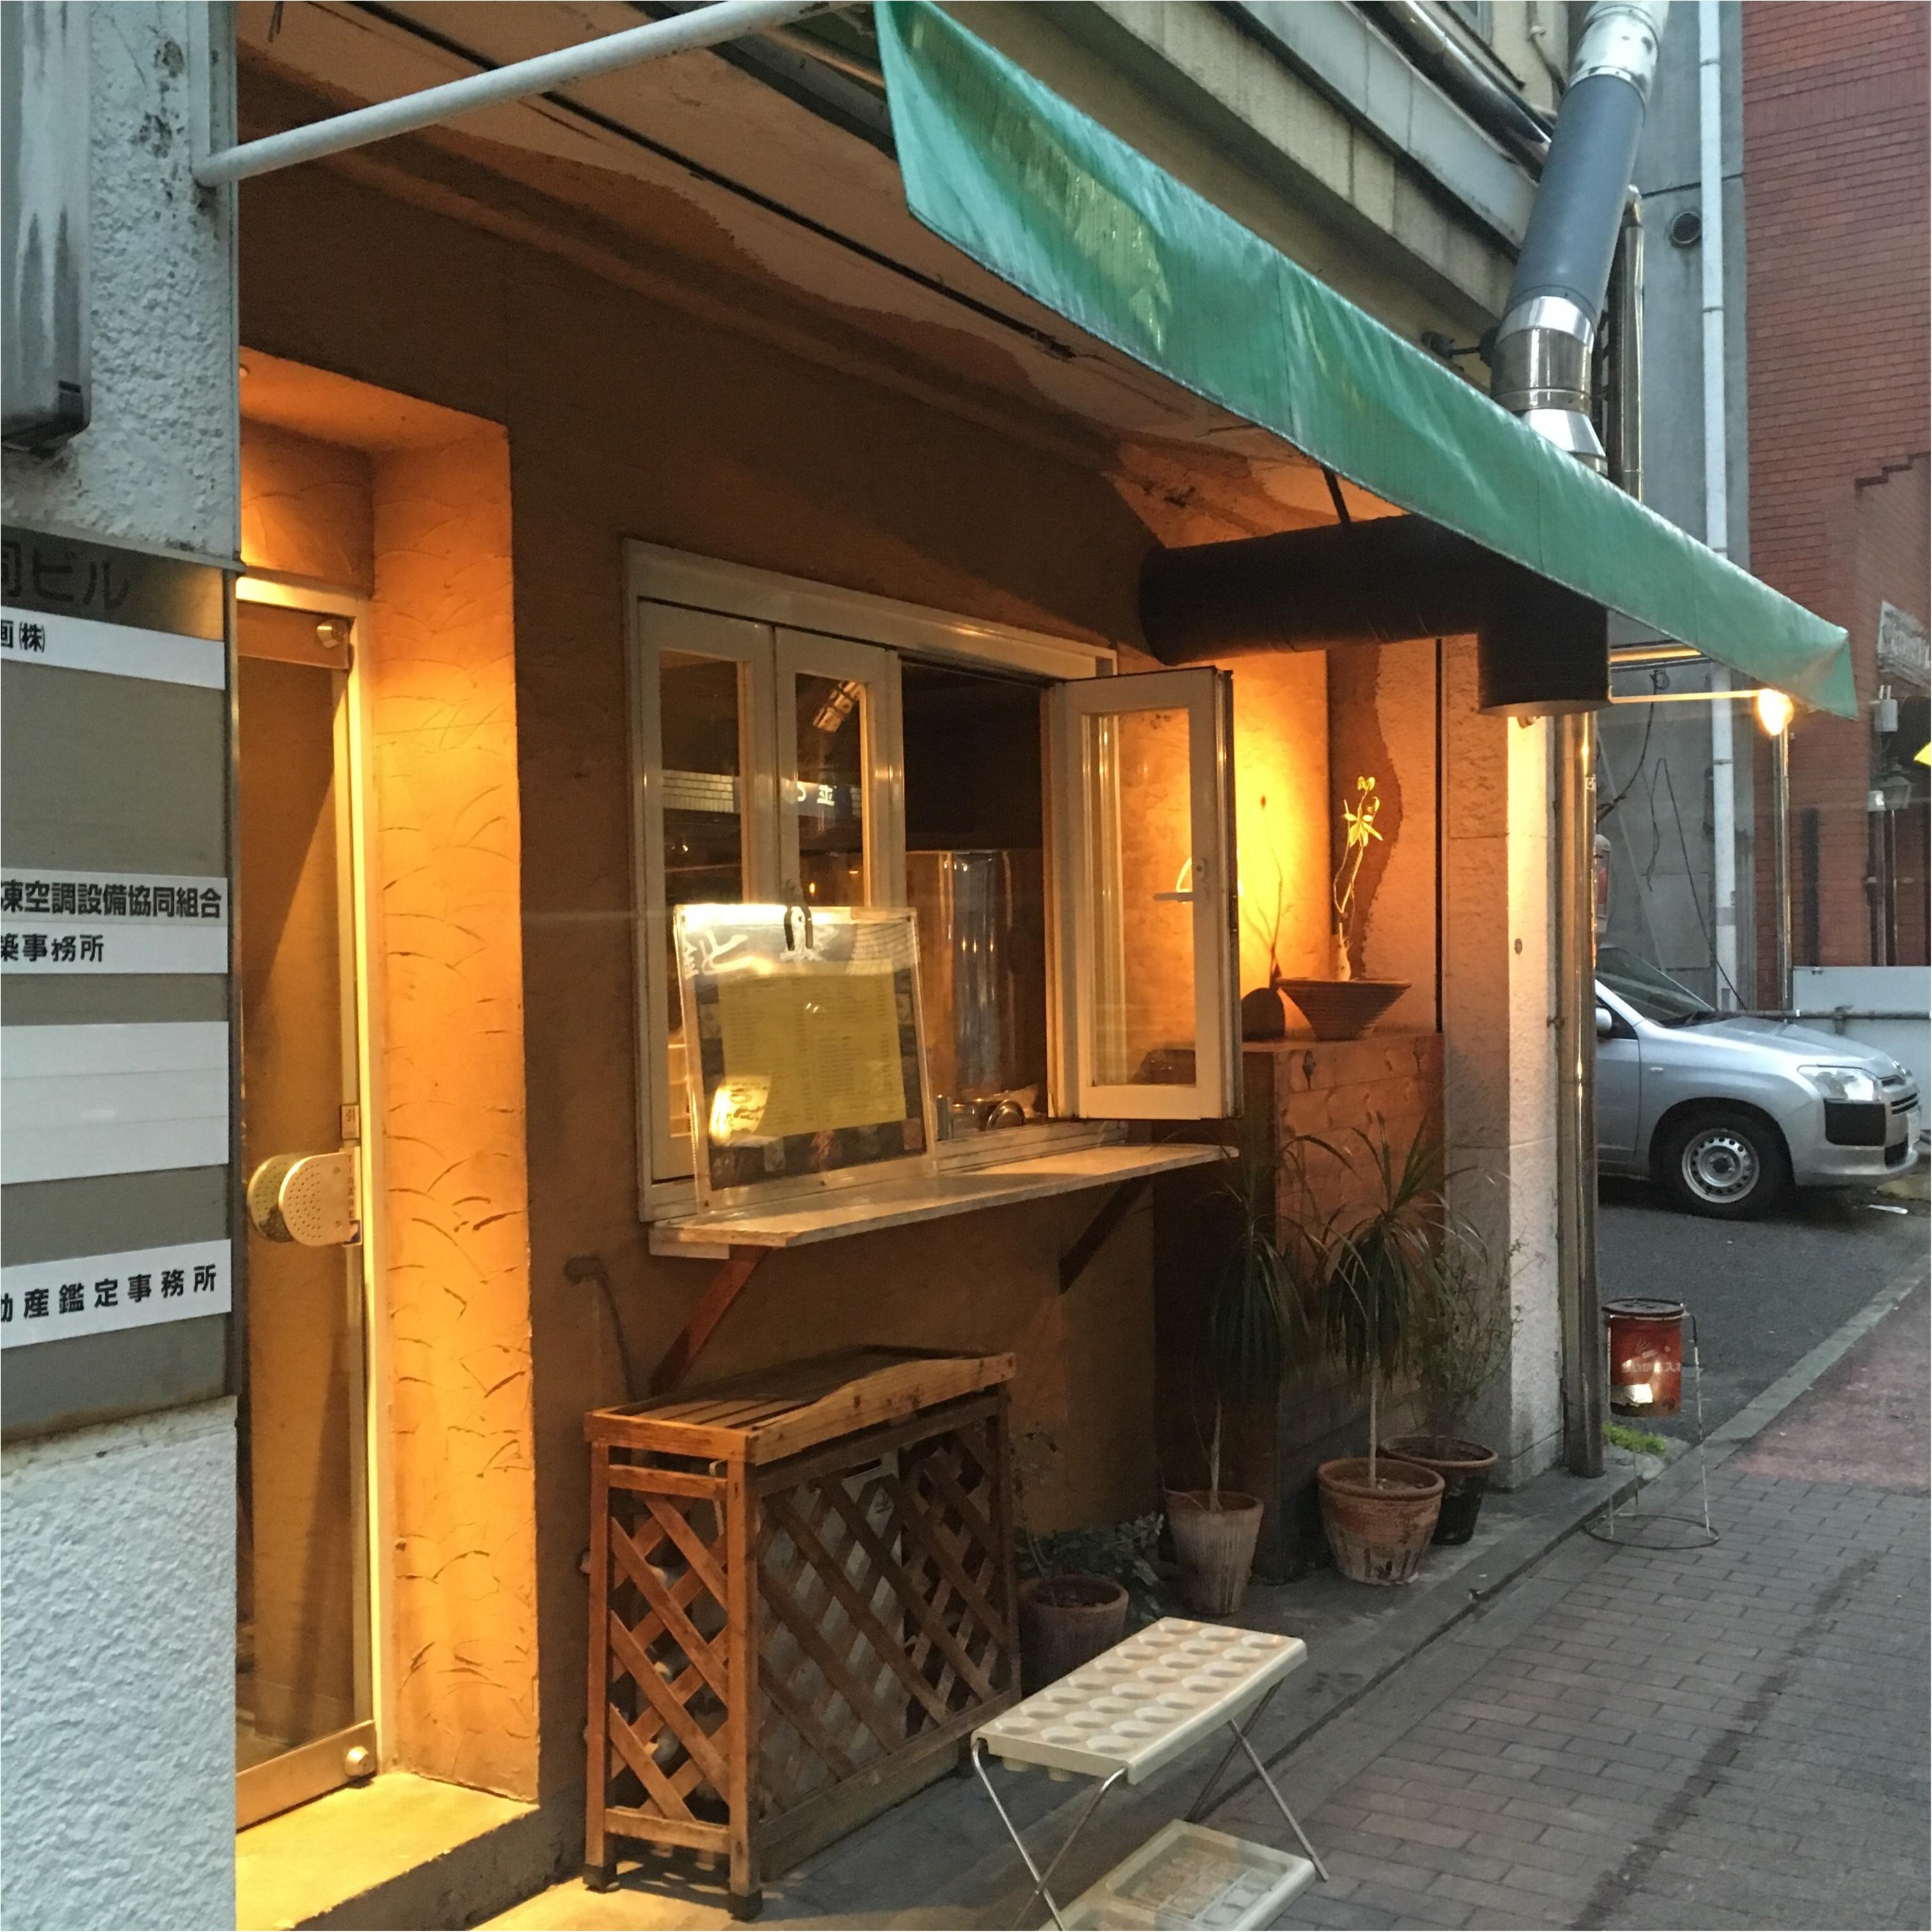 予約必須★横浜で美味しいピザをたべるならココがおすすめ!!_1